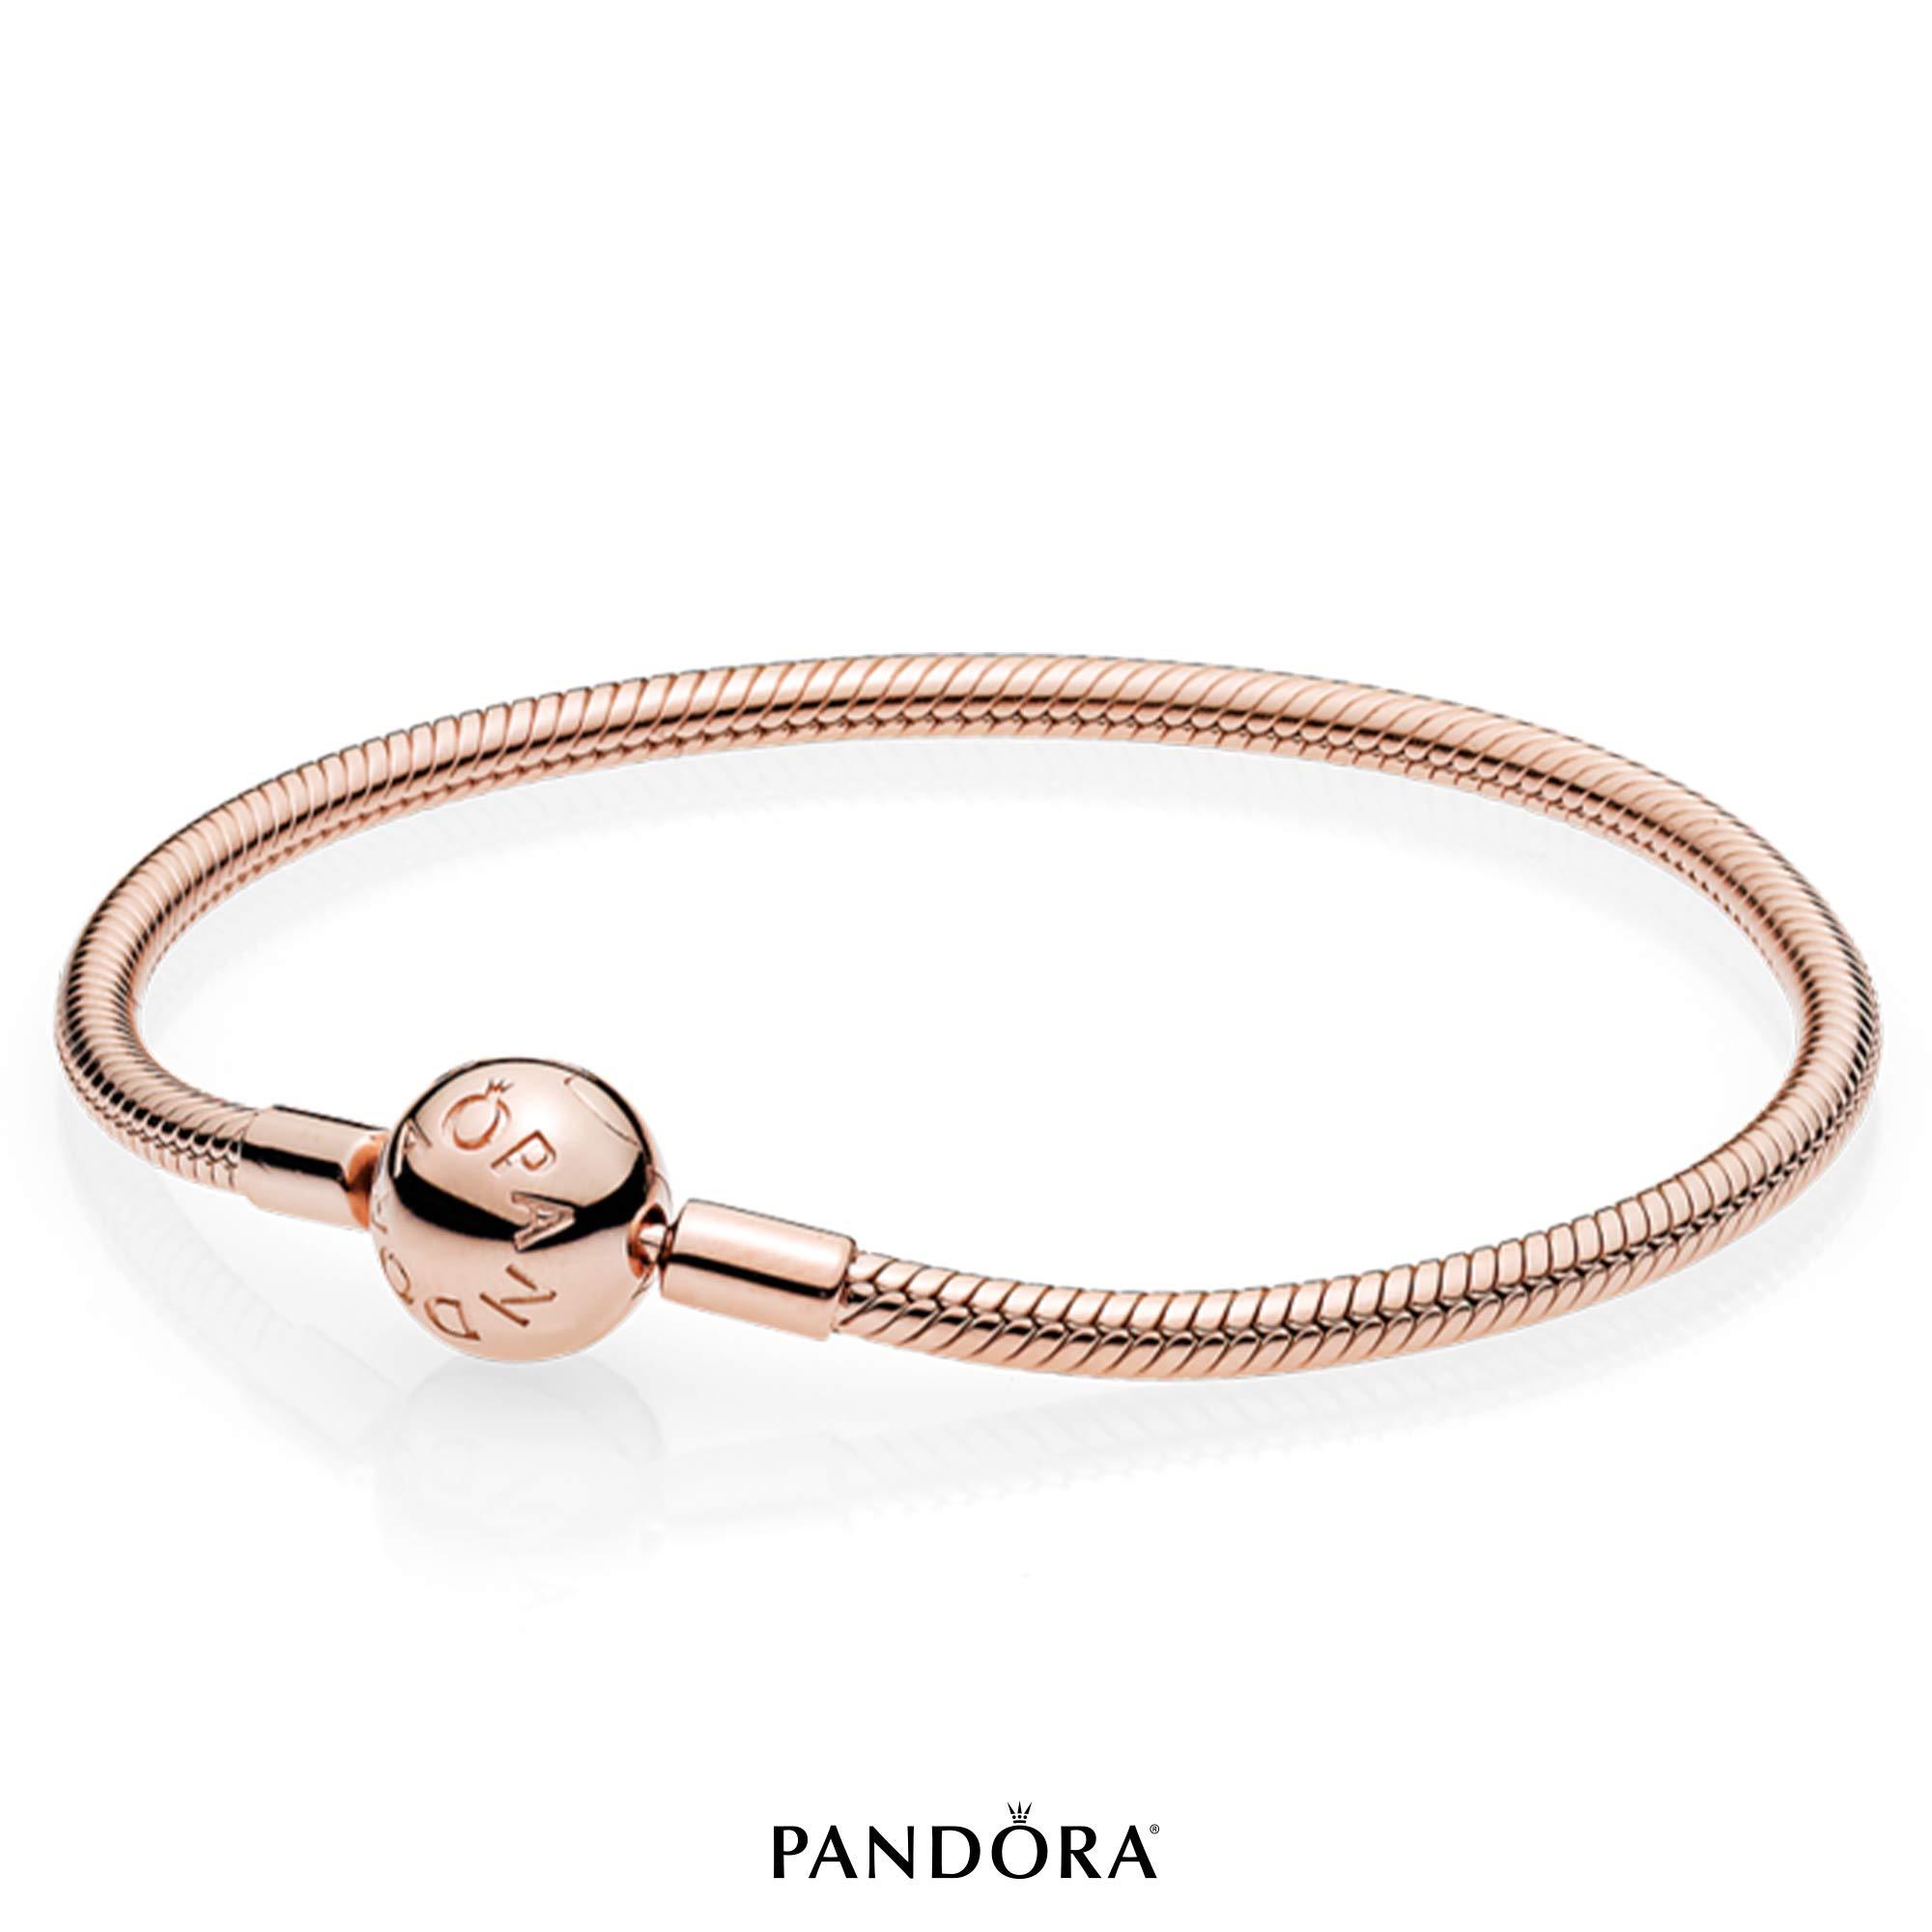 PANDORA Smooth Rose Clasp Bracelet, 7.1 in by PANDORA